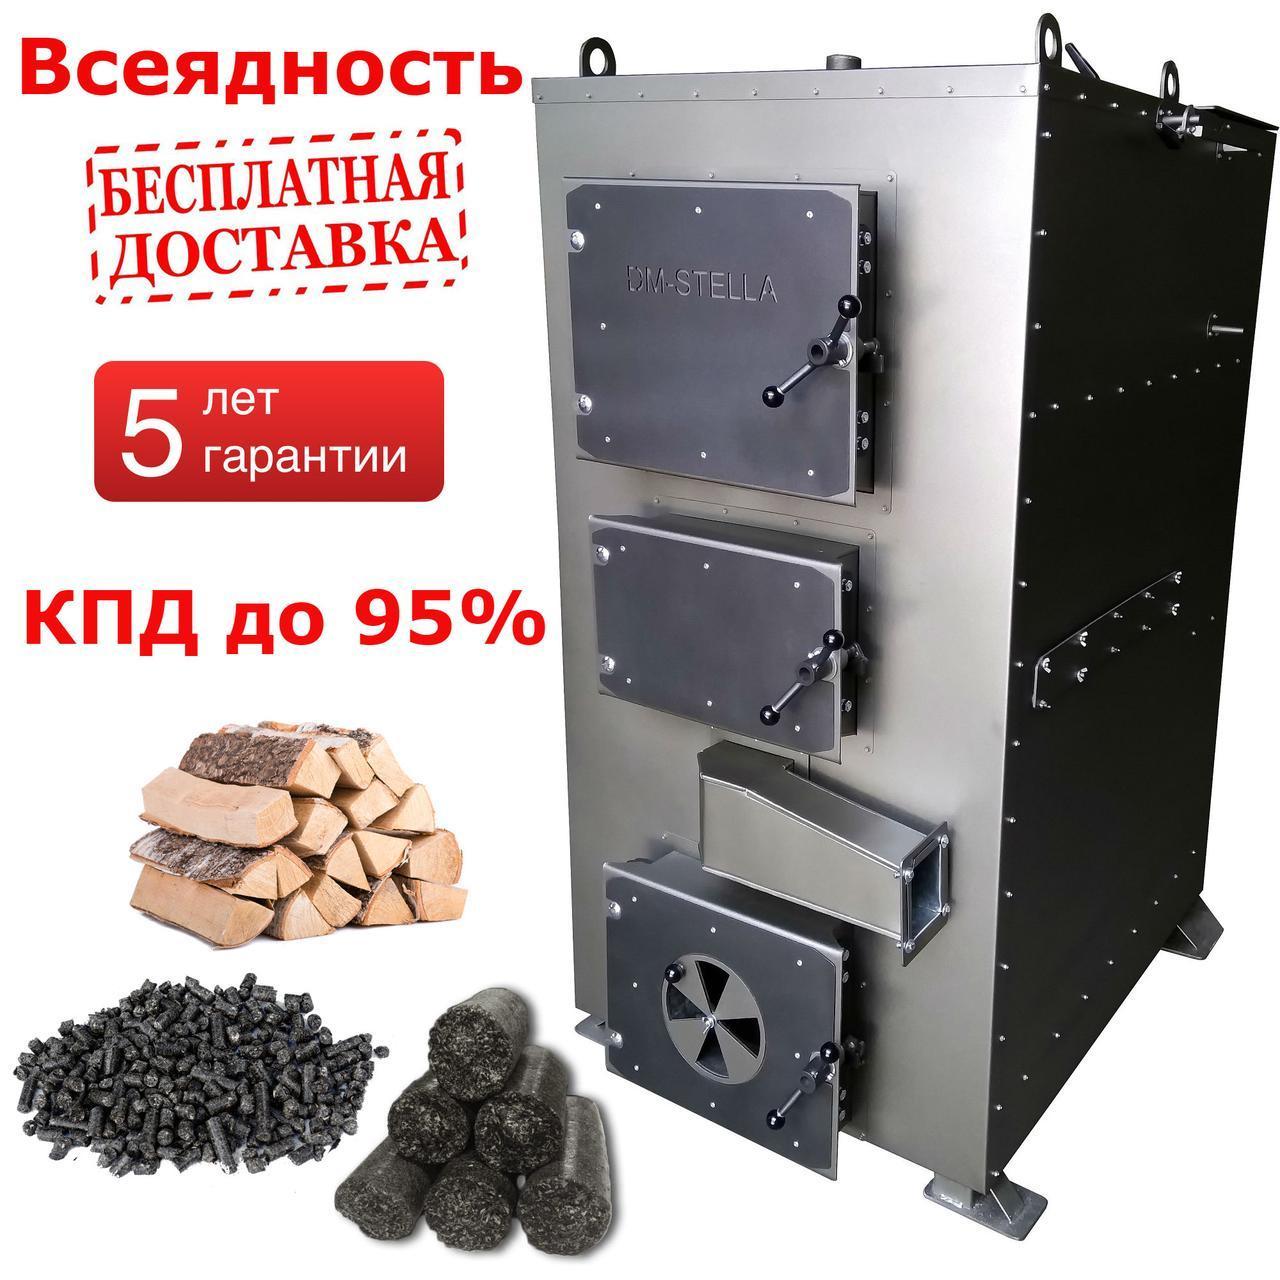 Пиролизный котел 300 кВт DM-STELLA